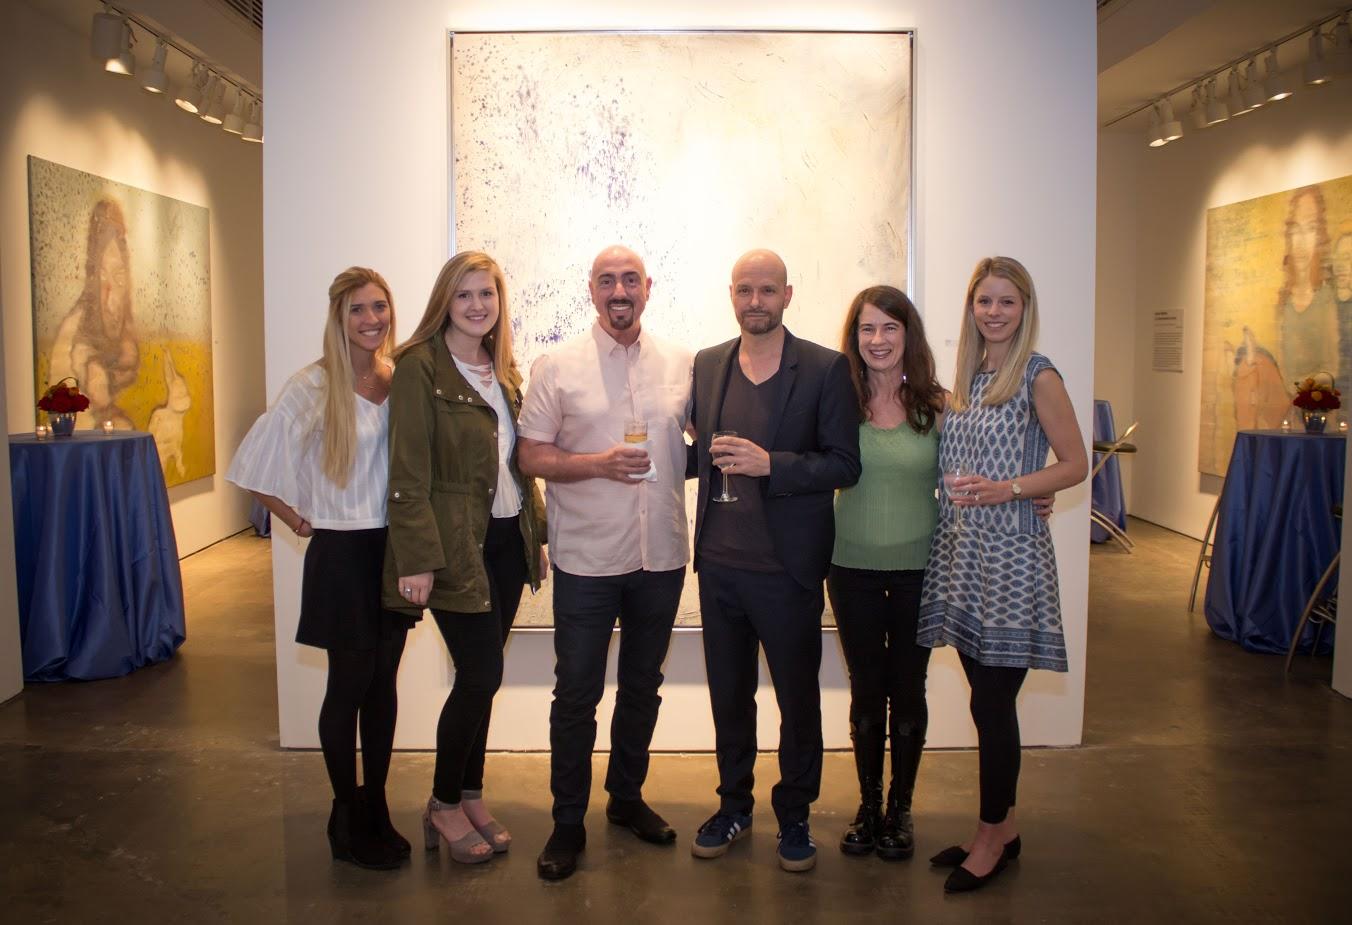 Bill Lowe Gallery Reiner Heidorn Opening 6.jpg